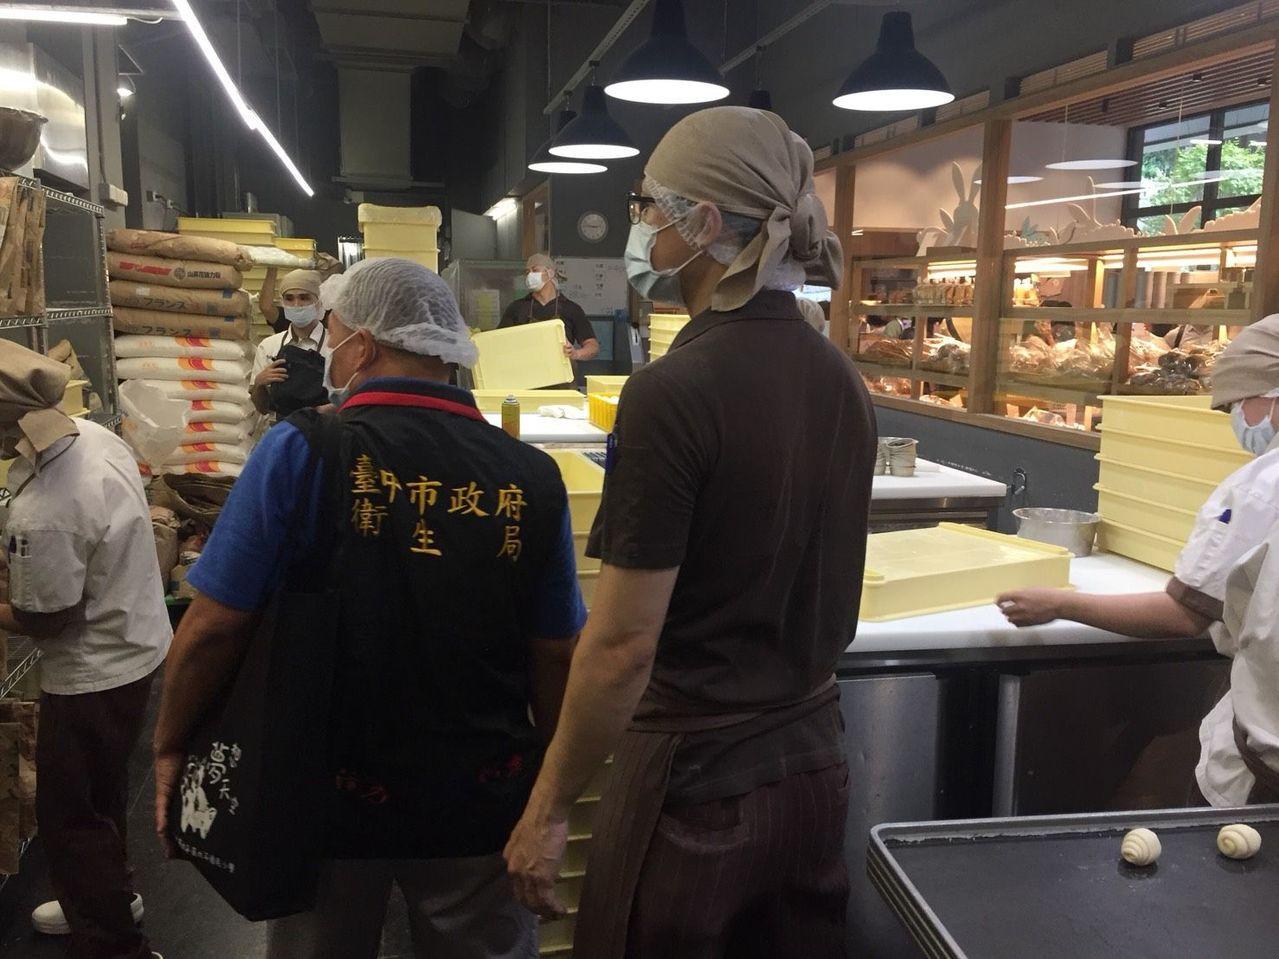 台中市食安處接獲吳寶春麥方店有蒼蠅,派員到場稽查。圖/台中市食安處提供